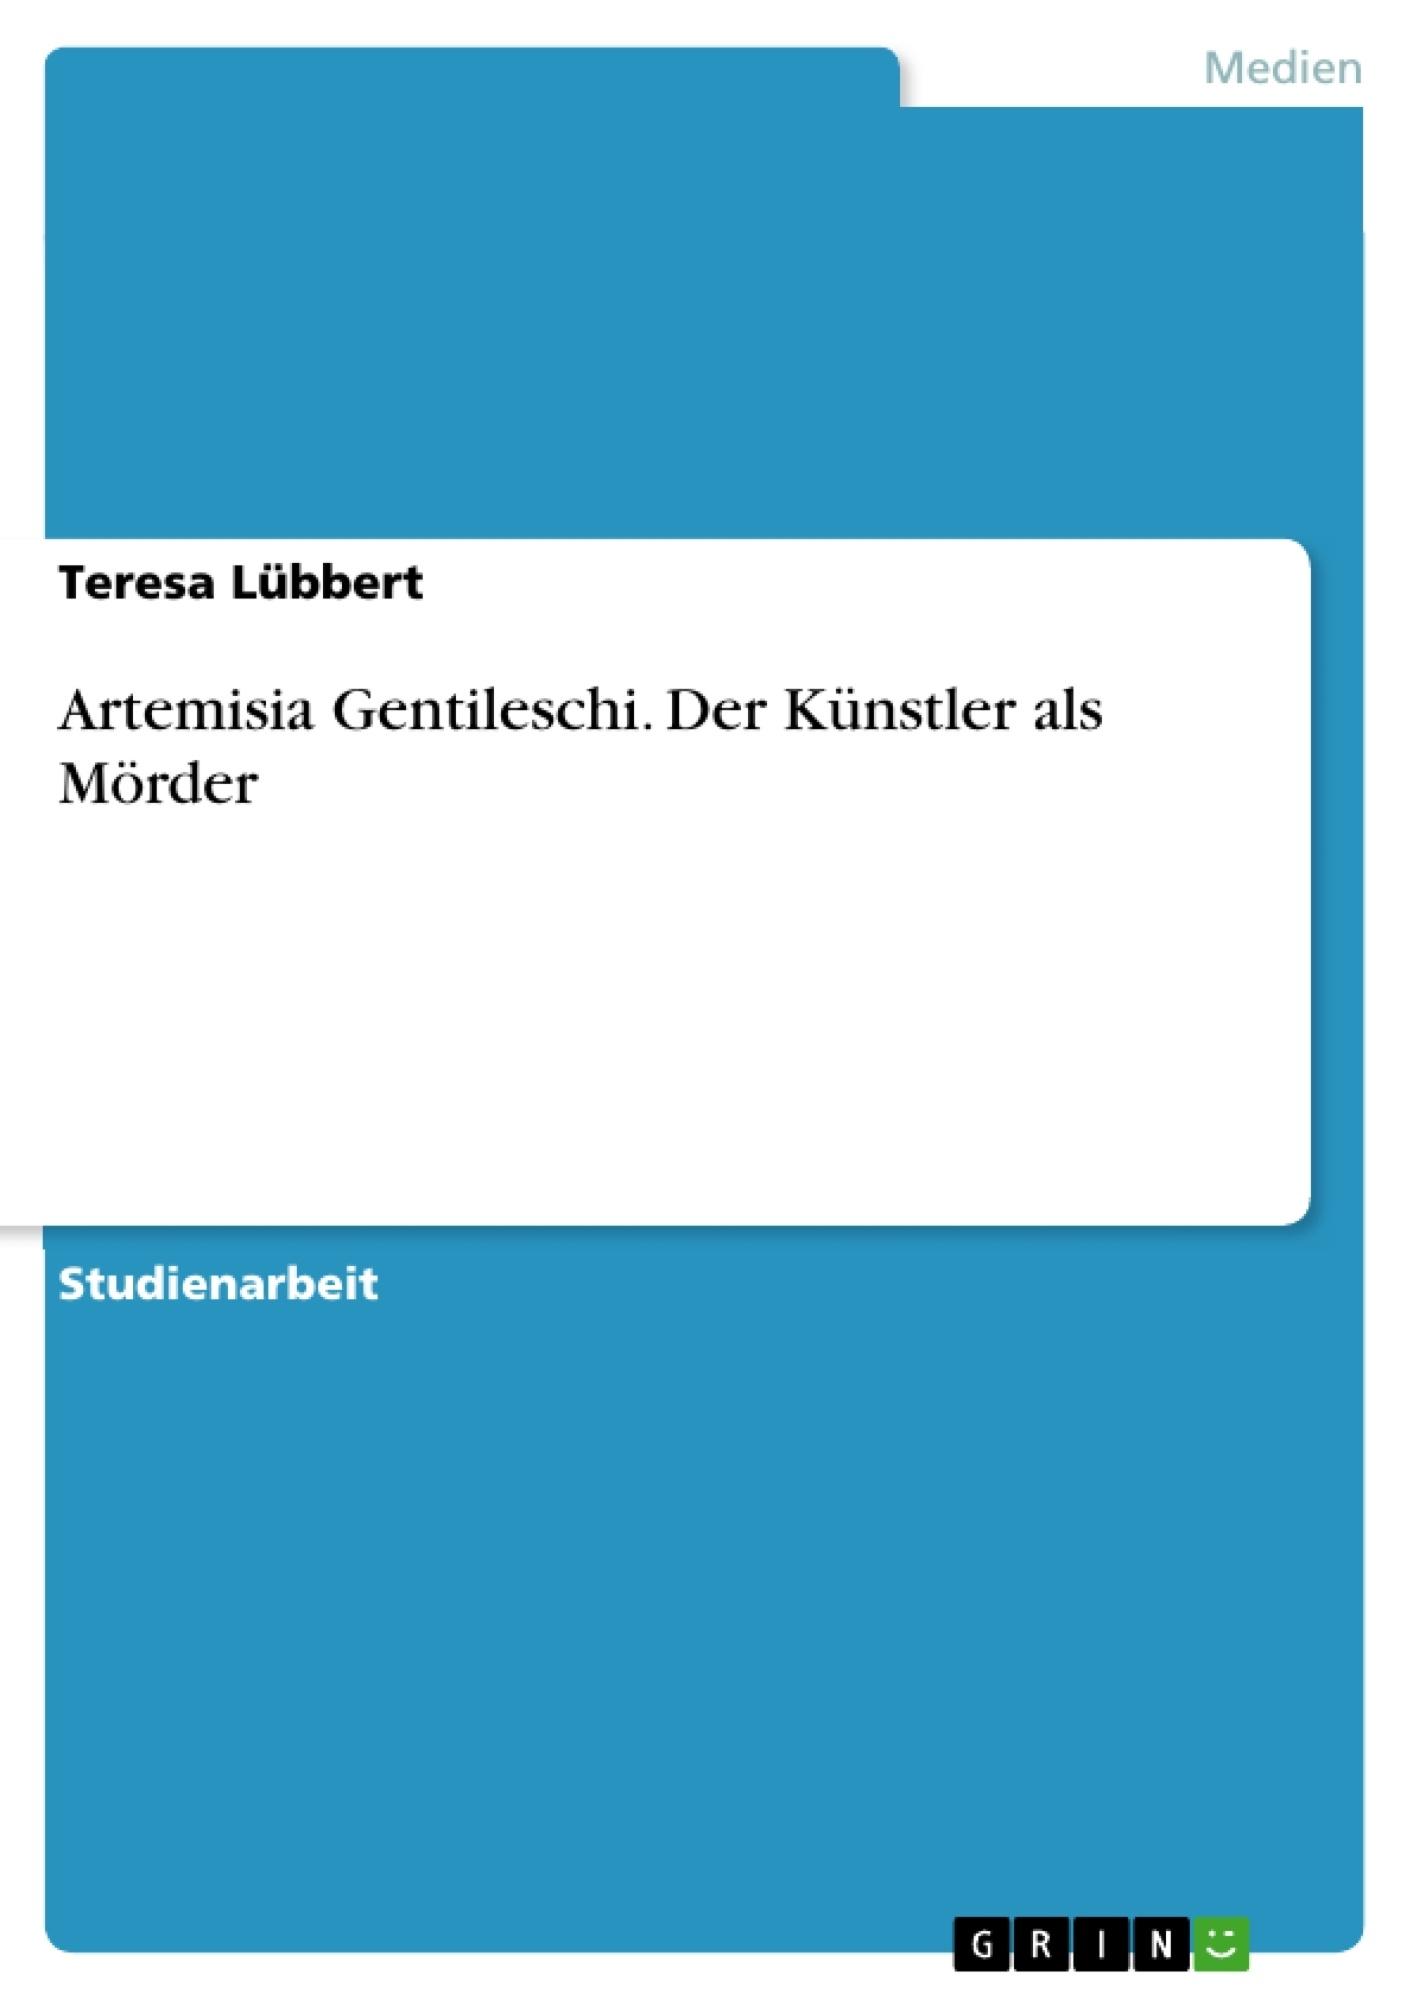 Titel: Artemisia Gentileschi. Der Künstler als Mörder